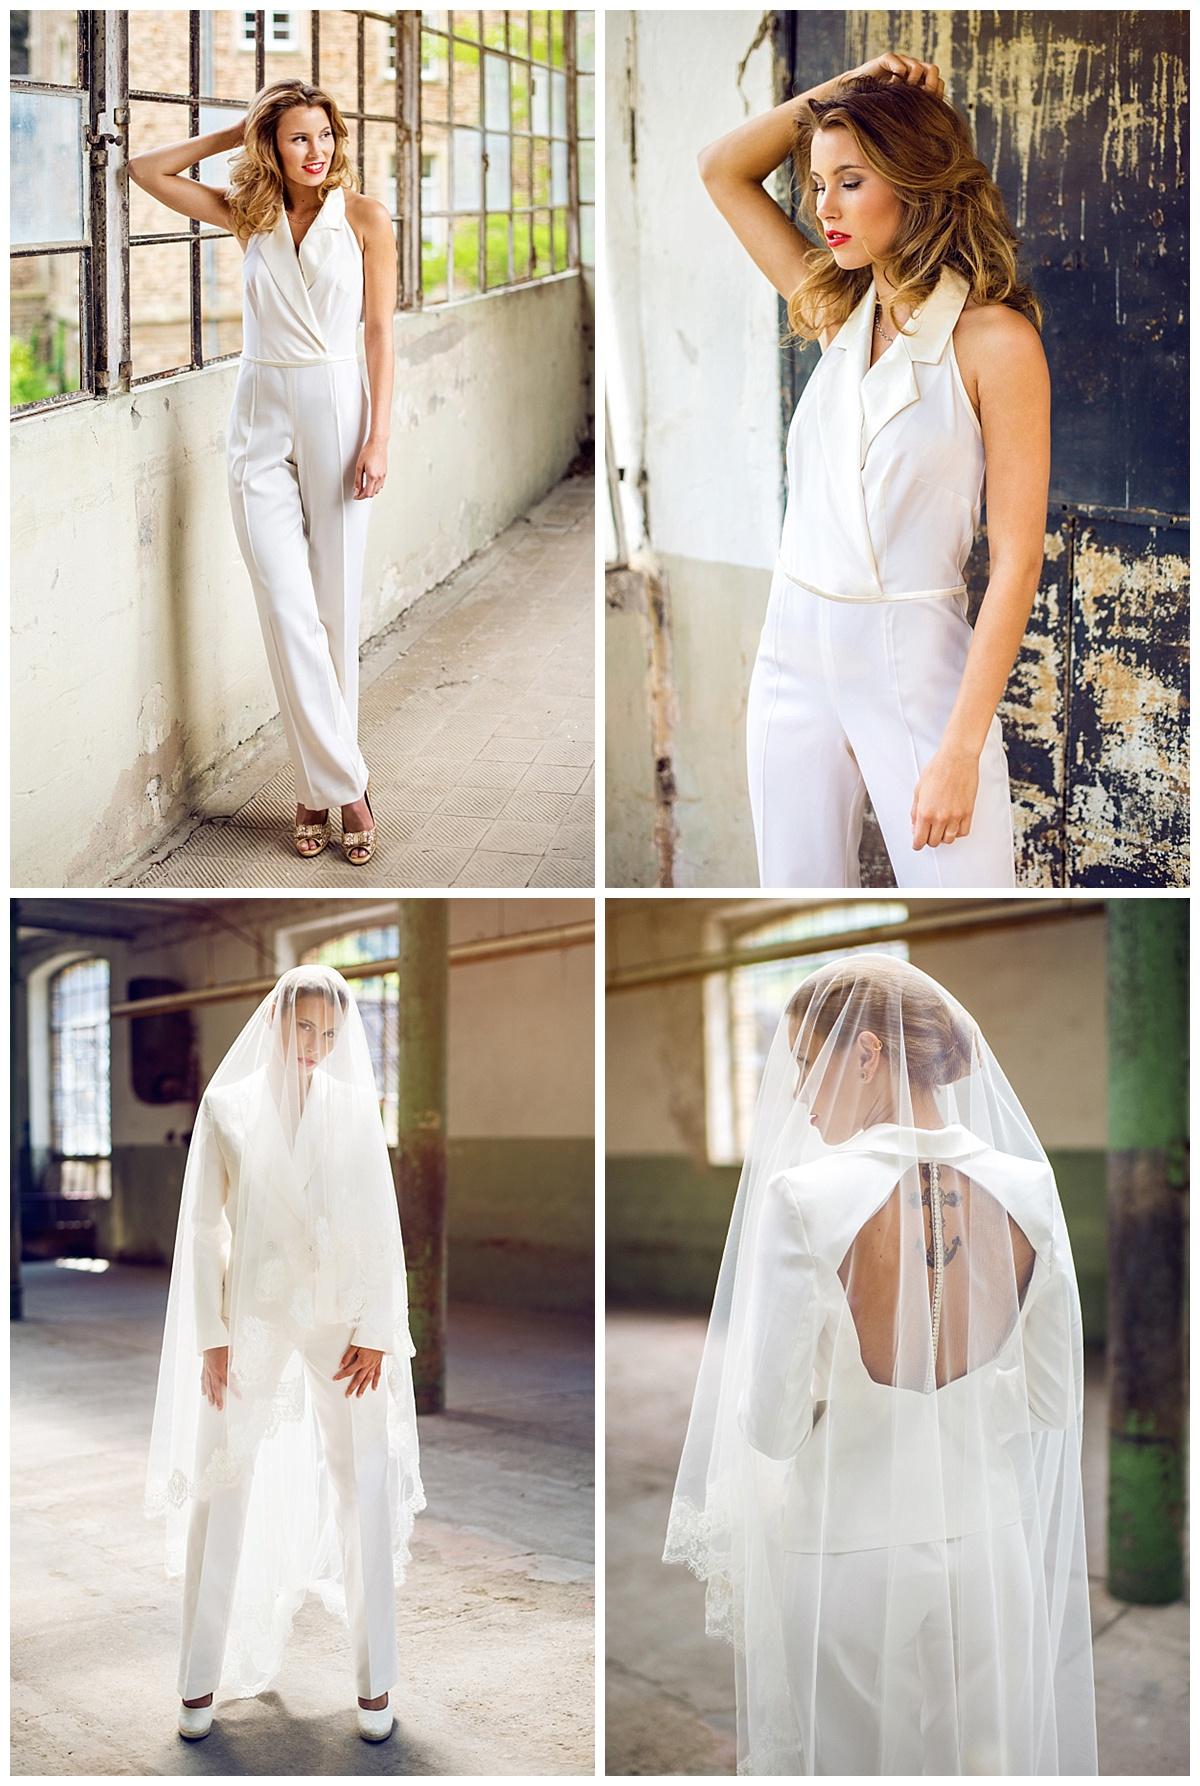 Wunderbar Nicht Weißen Brautkleid Ideen - Brautkleider Ideen ...